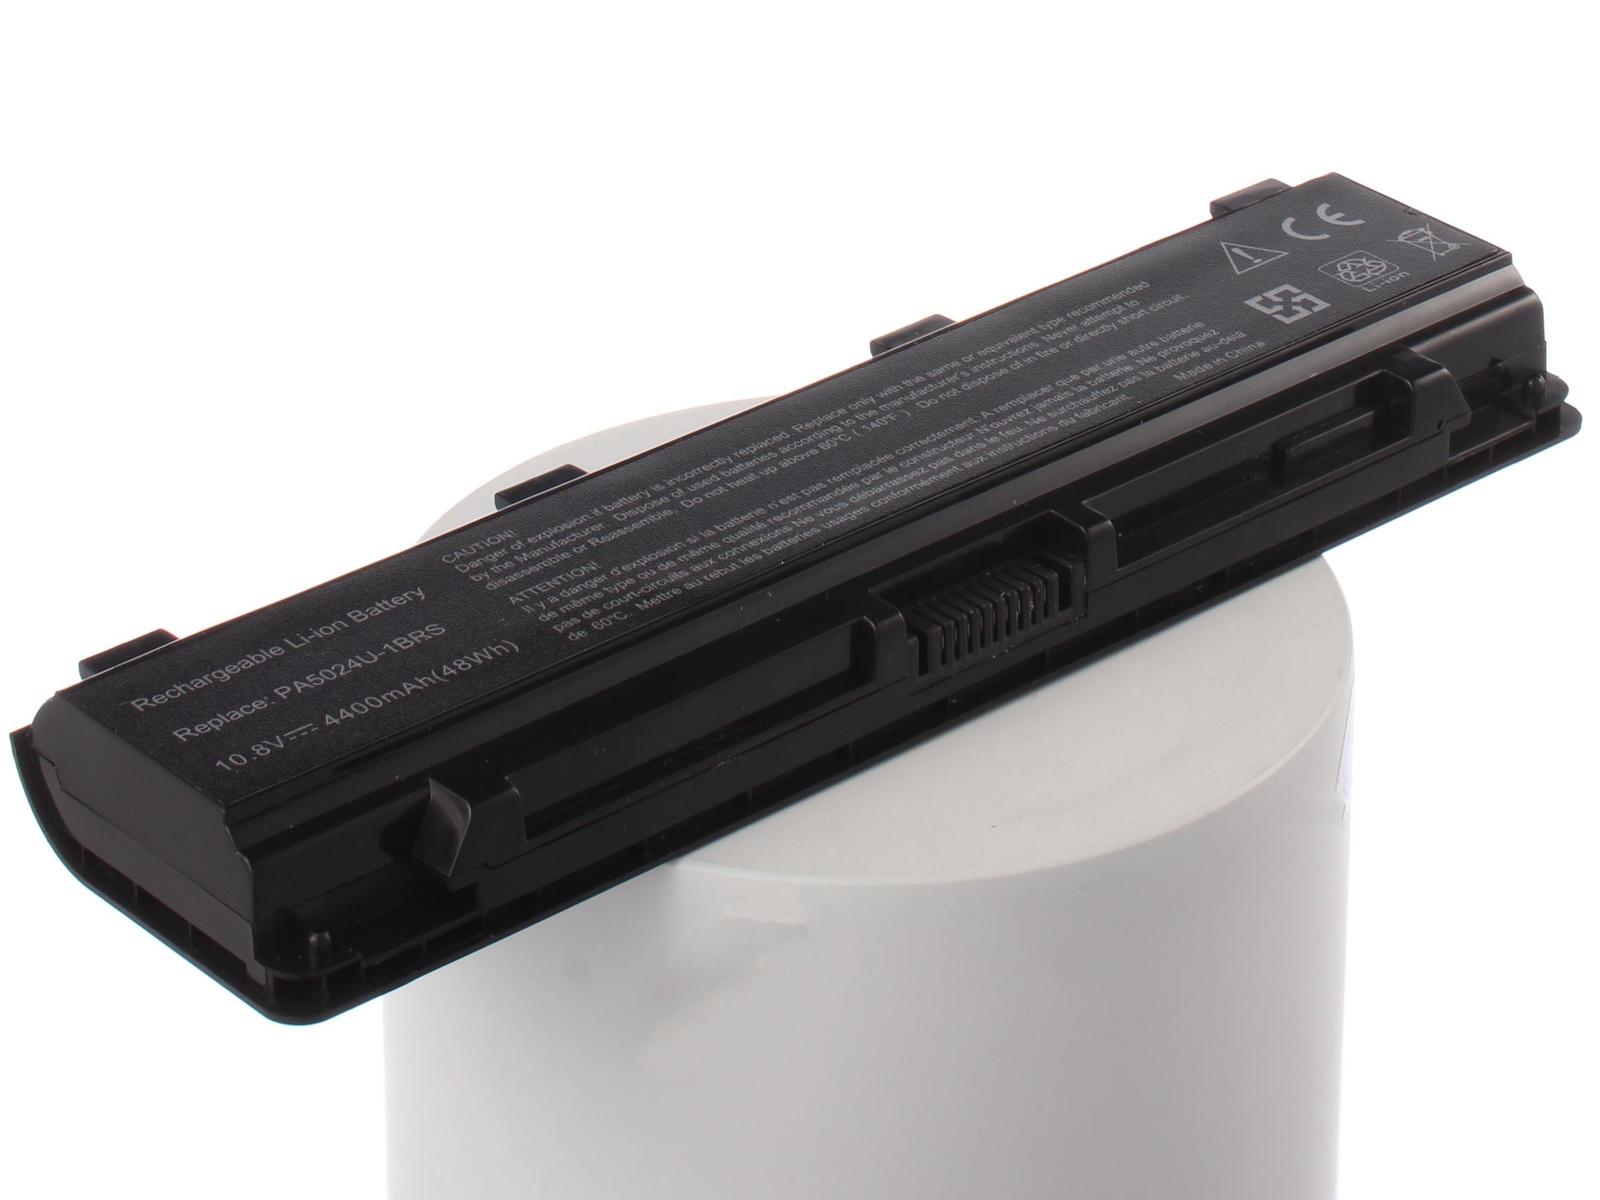 Аккумулятор для ноутбука AnyBatt для ToshiBa C870-CPK, M840-B1P, Satellite C50-A-L2K, Satellite C70-A-L1W, Satellite C70D-A-L1S, Satellite C850D-DRK, Satellite C850-DJK, Satellite L870-DCS, Satellite S70-A-K6M, L855-C1M